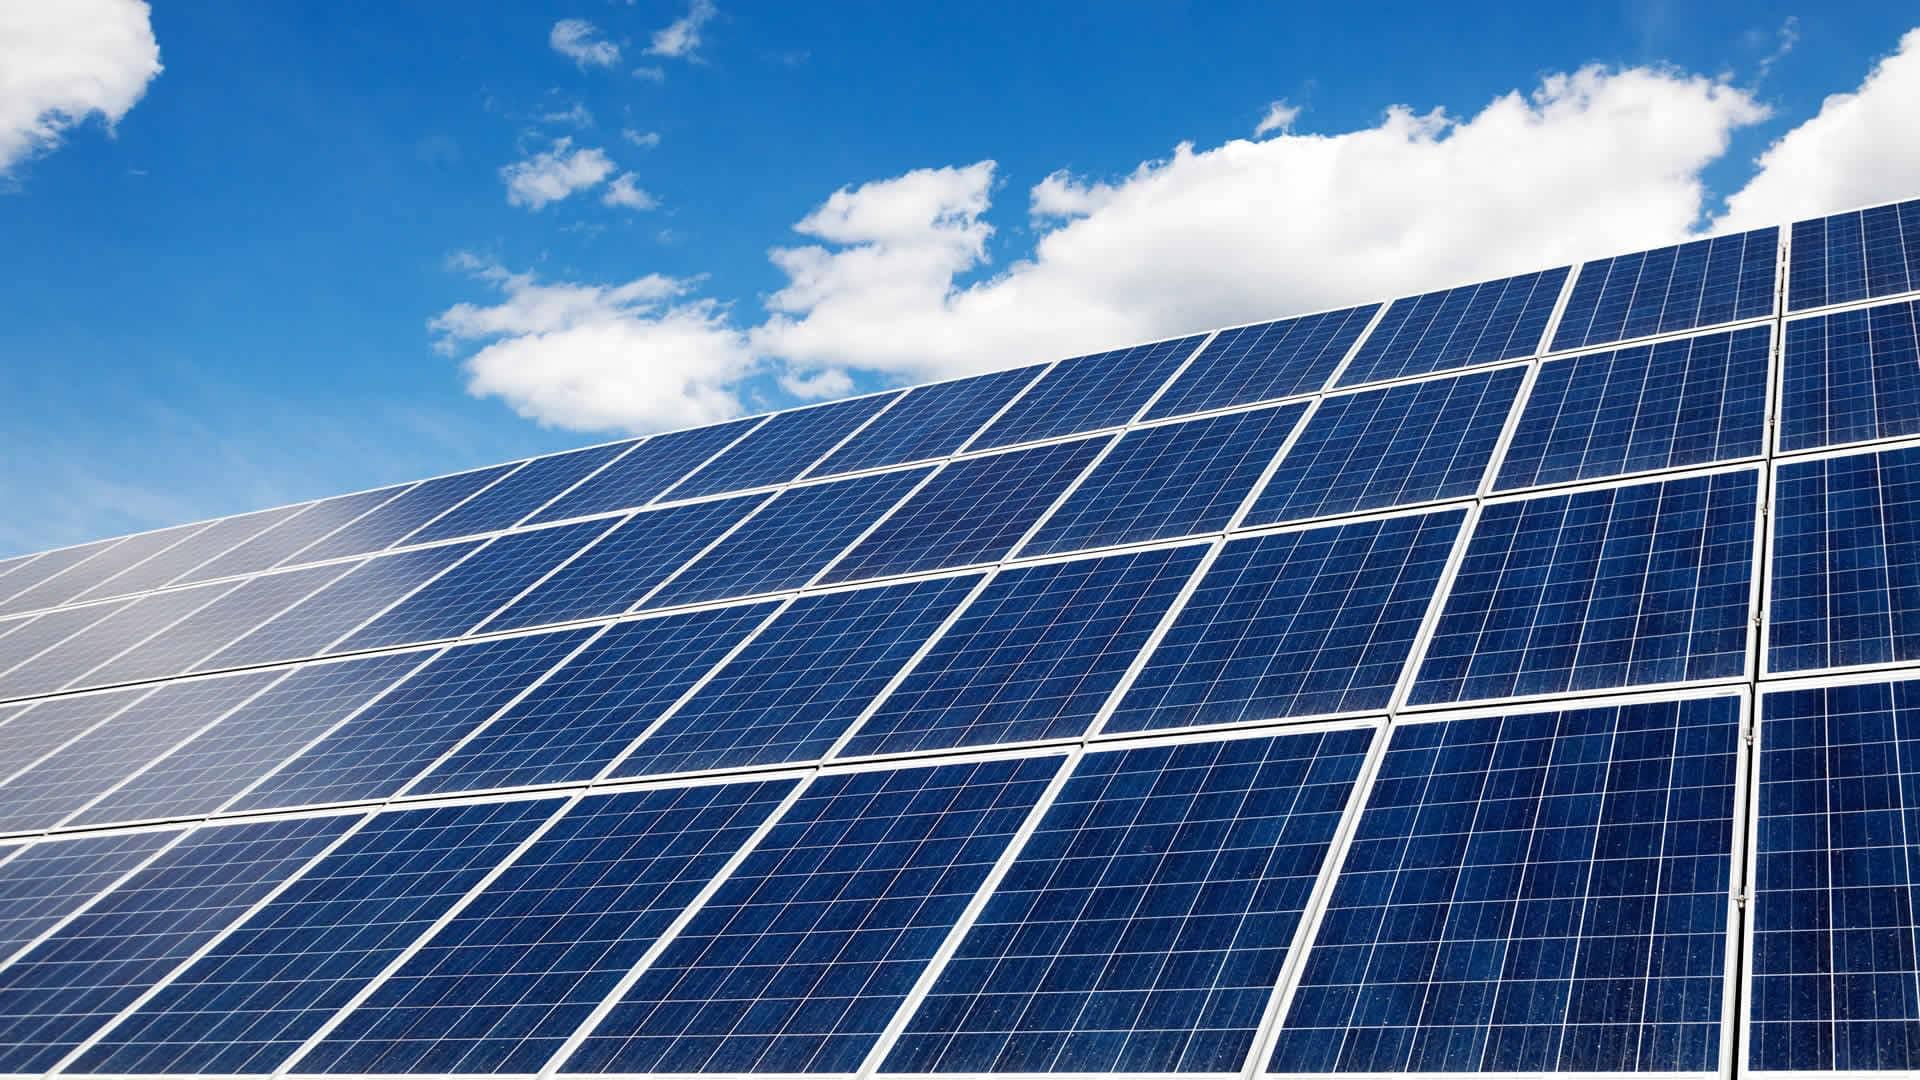 Autoconsumo Eléctrico - Eidf Solar